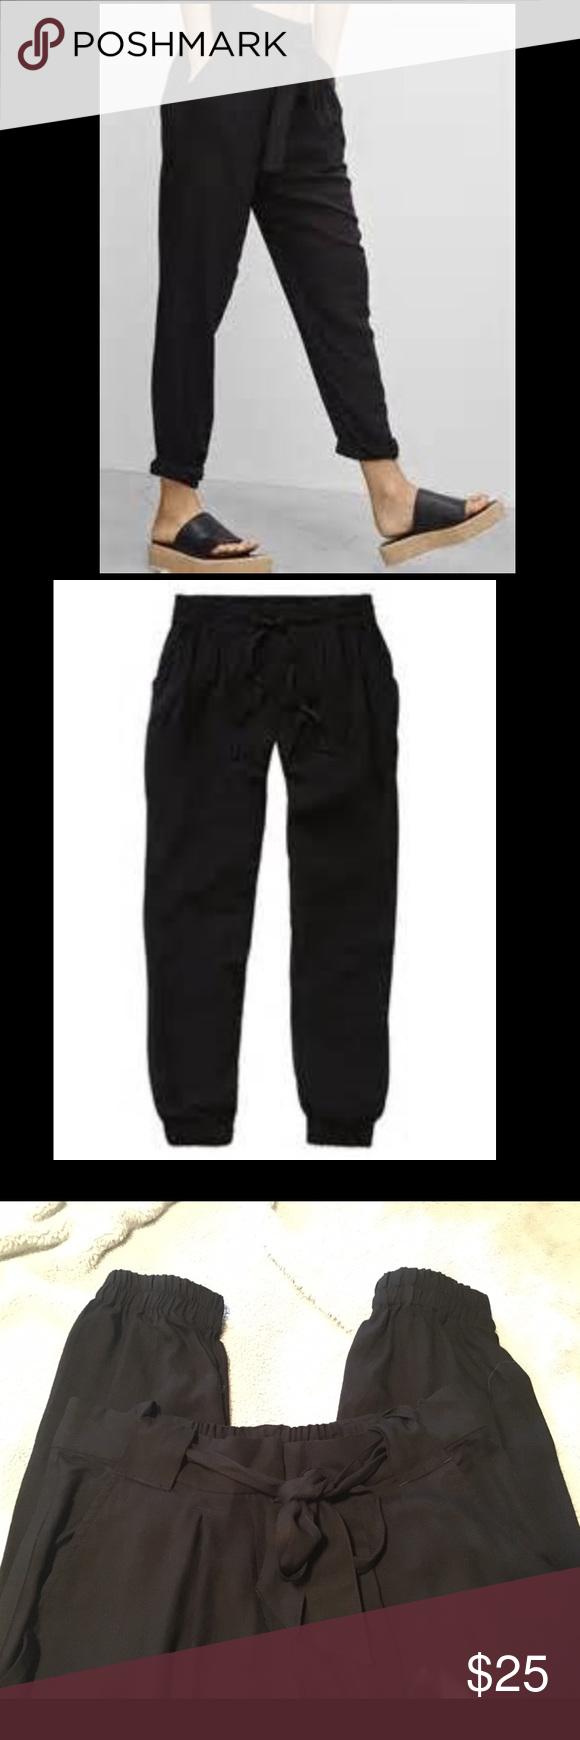 """Aritzia black """"Andreu Pants"""" Aritzia black Talula brand """"Andreu Pants."""" In perfect condition Aritzia Pants Trousers"""